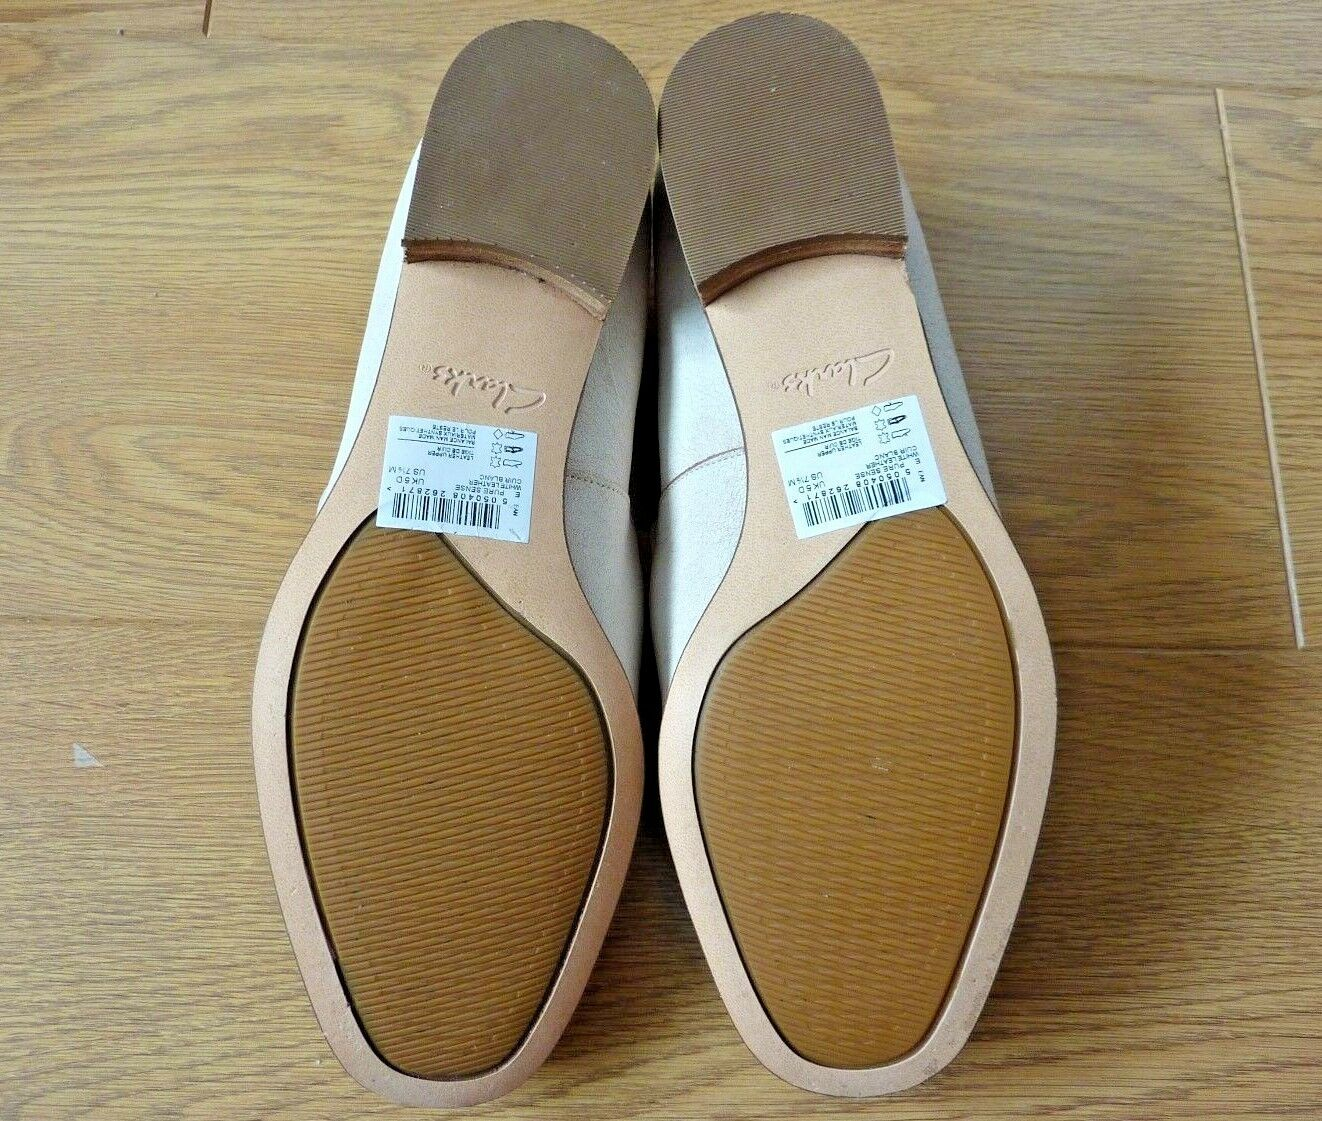 Clarks Damas sentido De Cuero blancoo puro sentido Damas Mocasines Zapatos Talla EU 38 UK 5D f20327